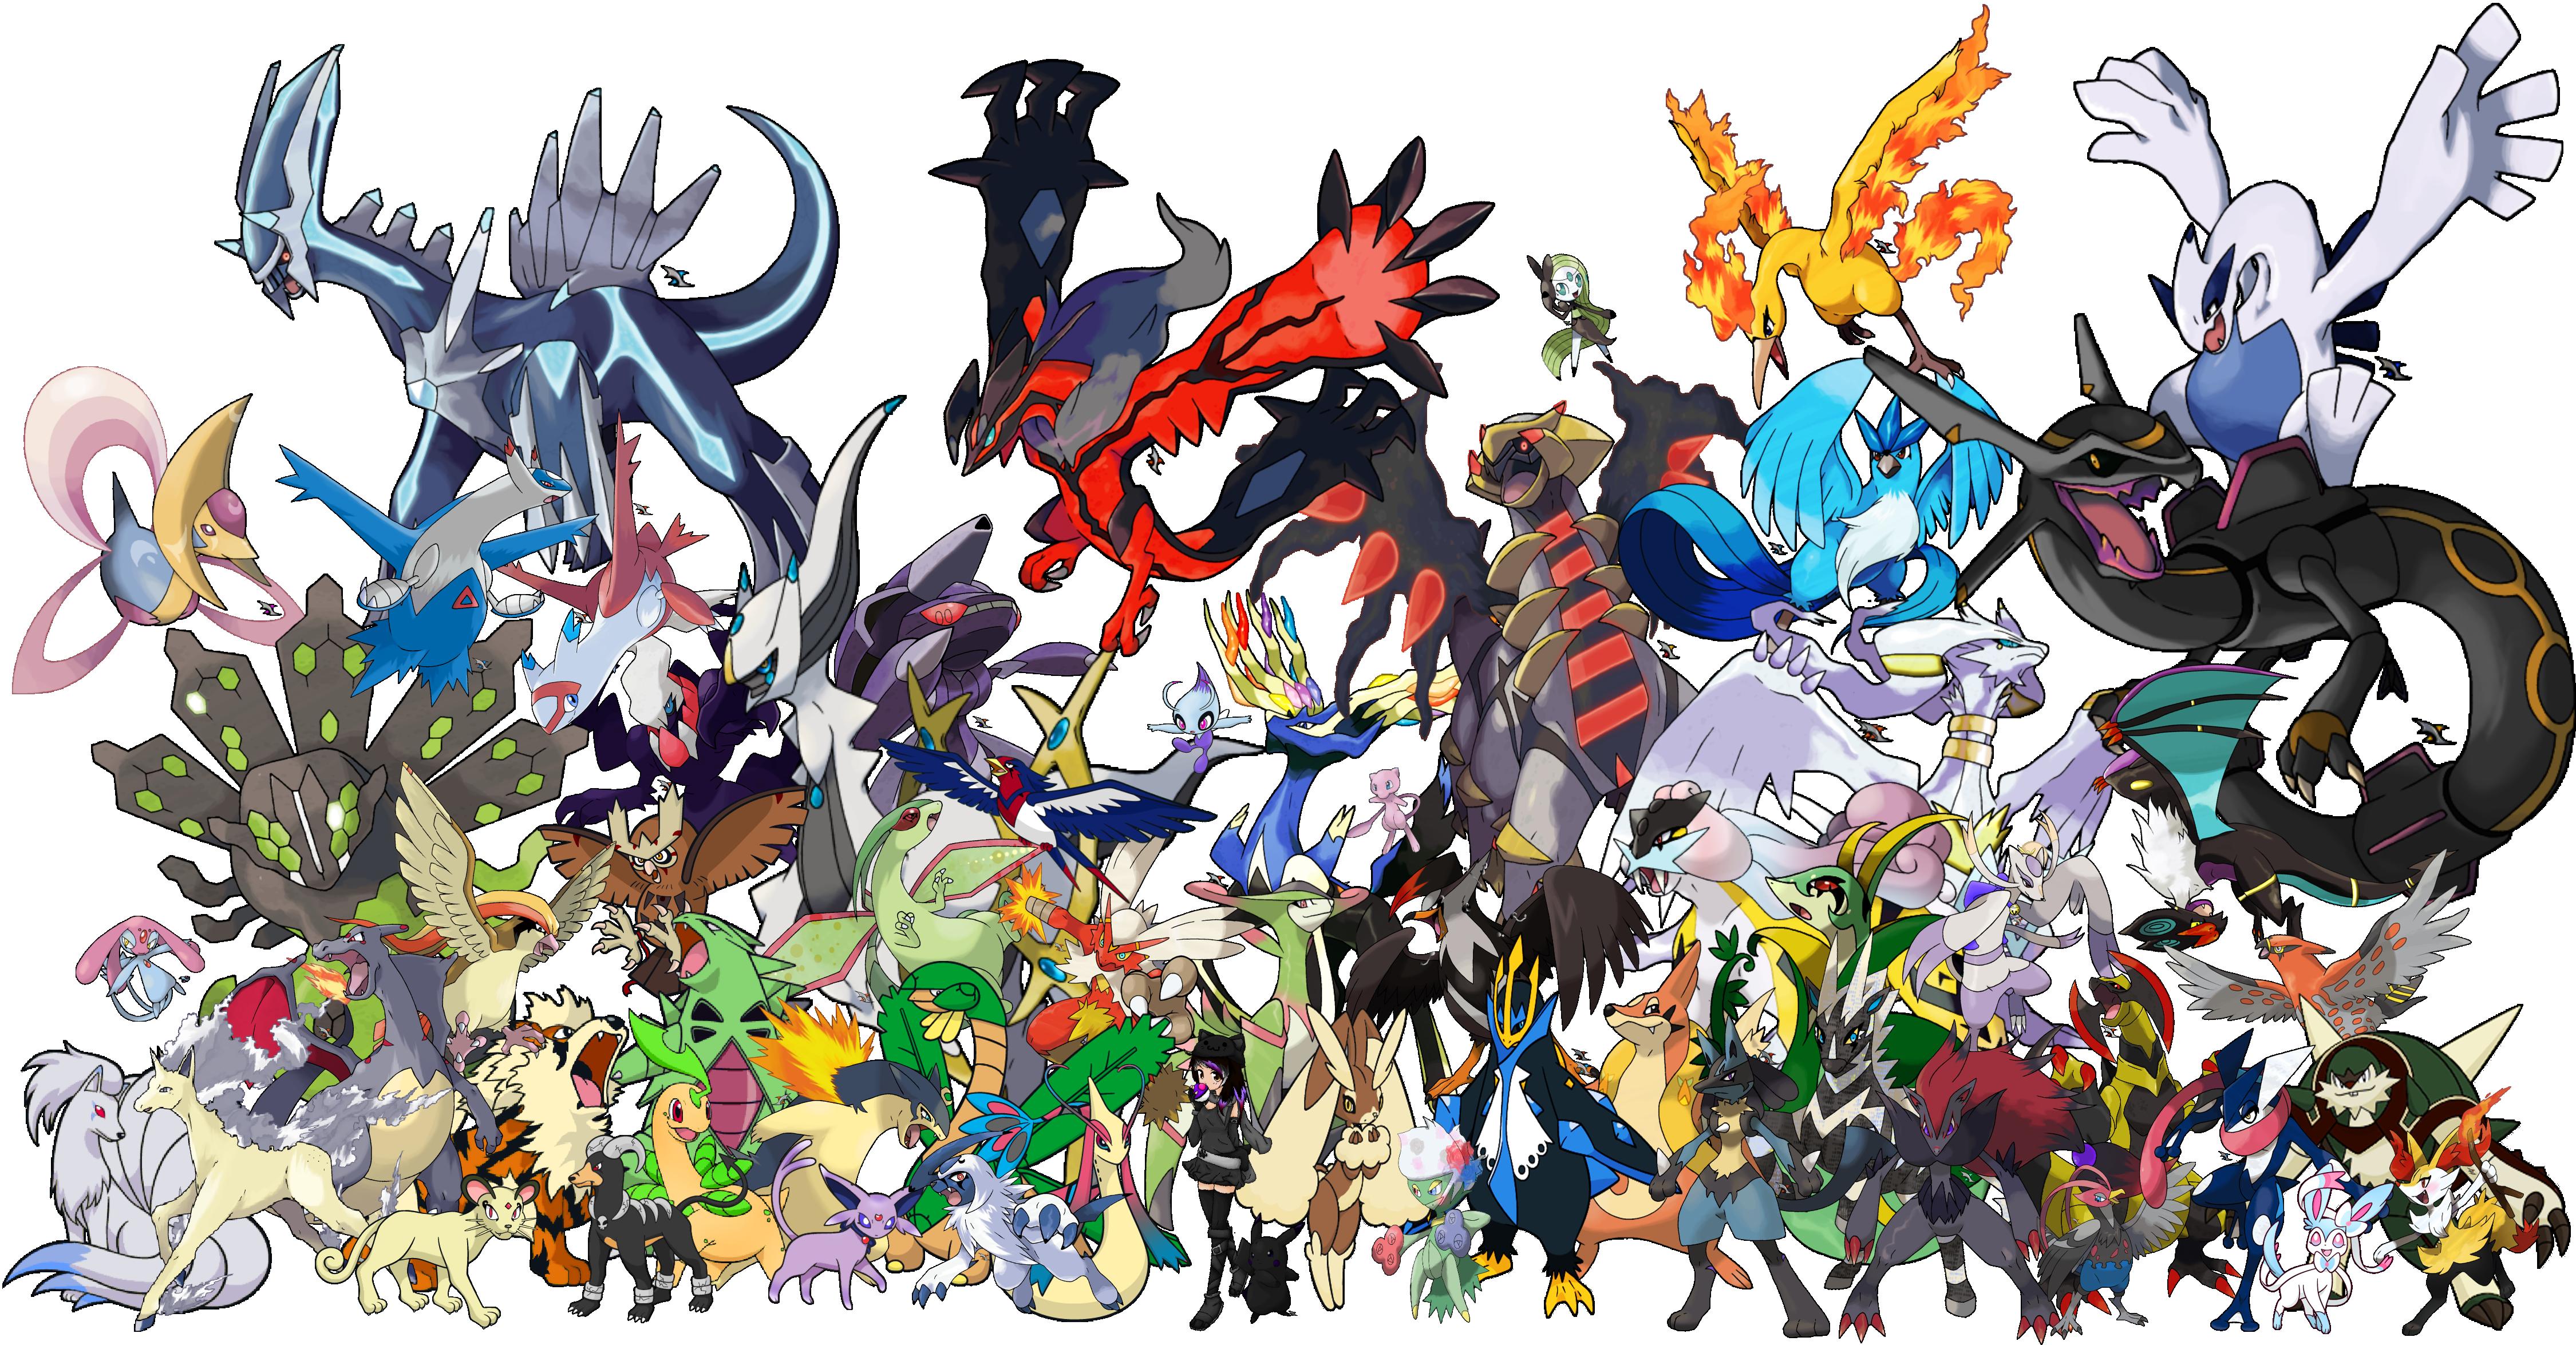 Best 48 All Shiny Legendary Pokemon Wallpaper on HipWallpaper 4500x2350